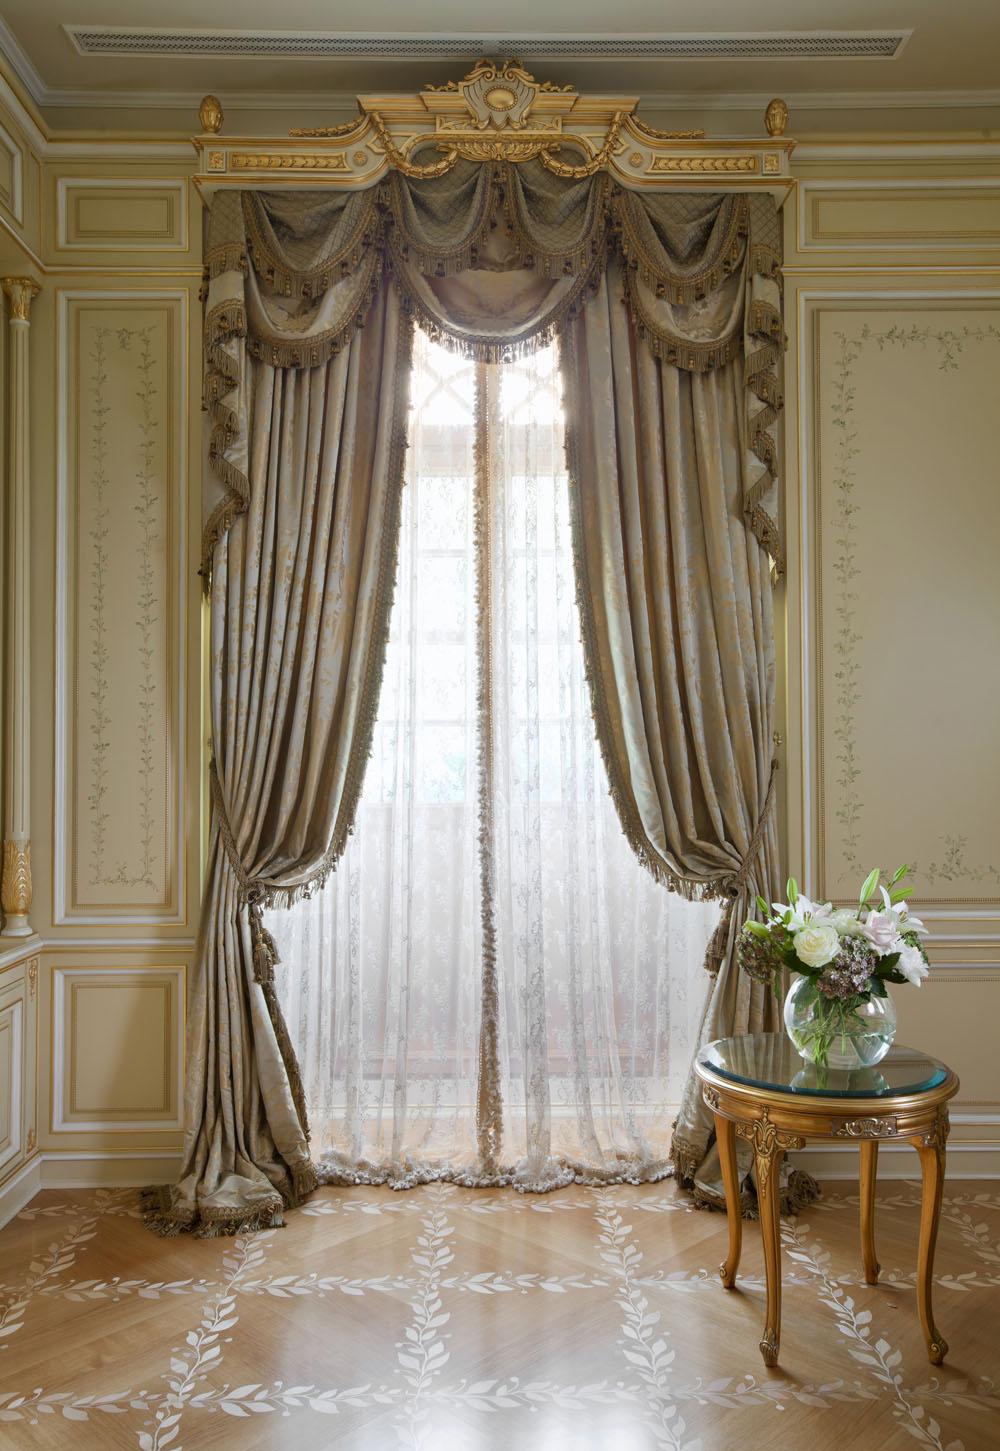 частная усадьба классические элитные шторы фото год появляются